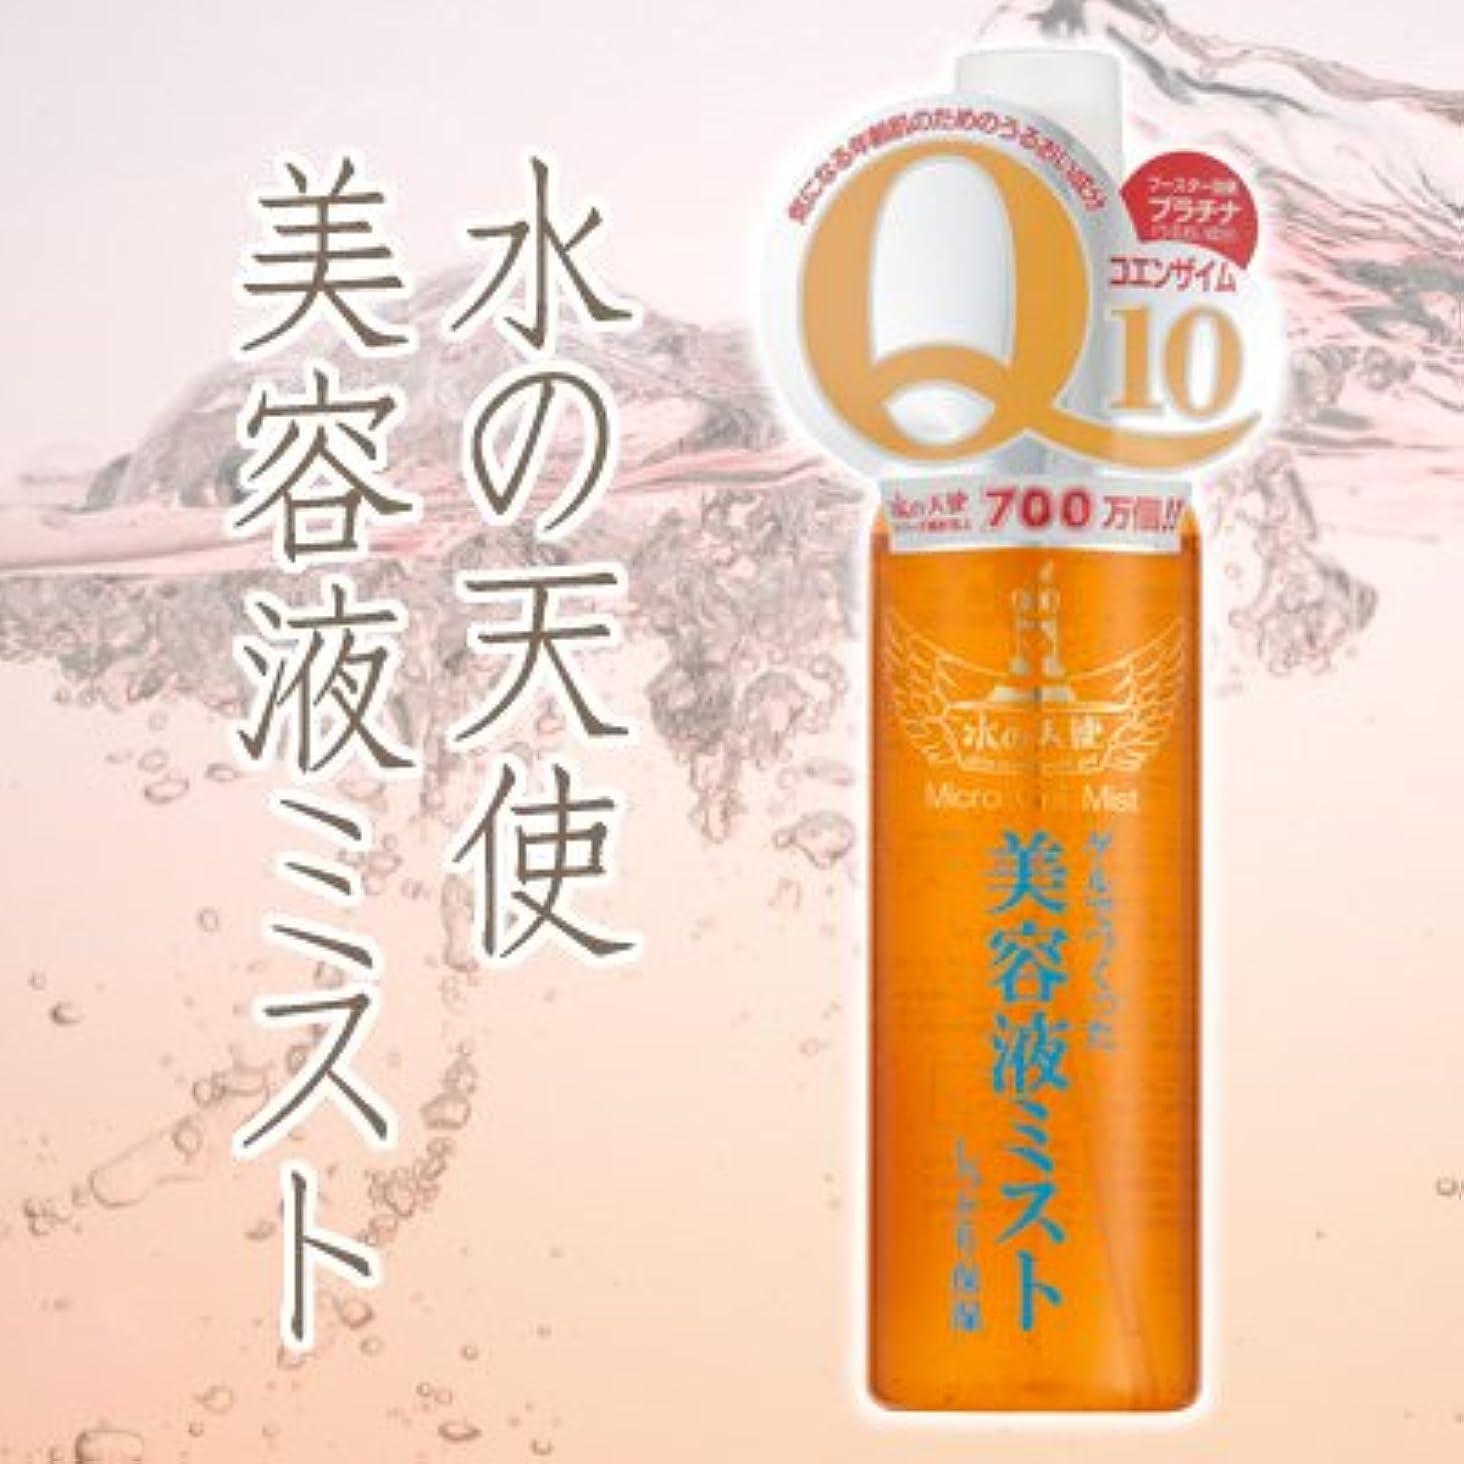 耐えられないしたいパプアニューギニア水の天使美容液ミスト 120ml 3個セット ※あの「水の天使」シリーズから美容液ミストが新登場!